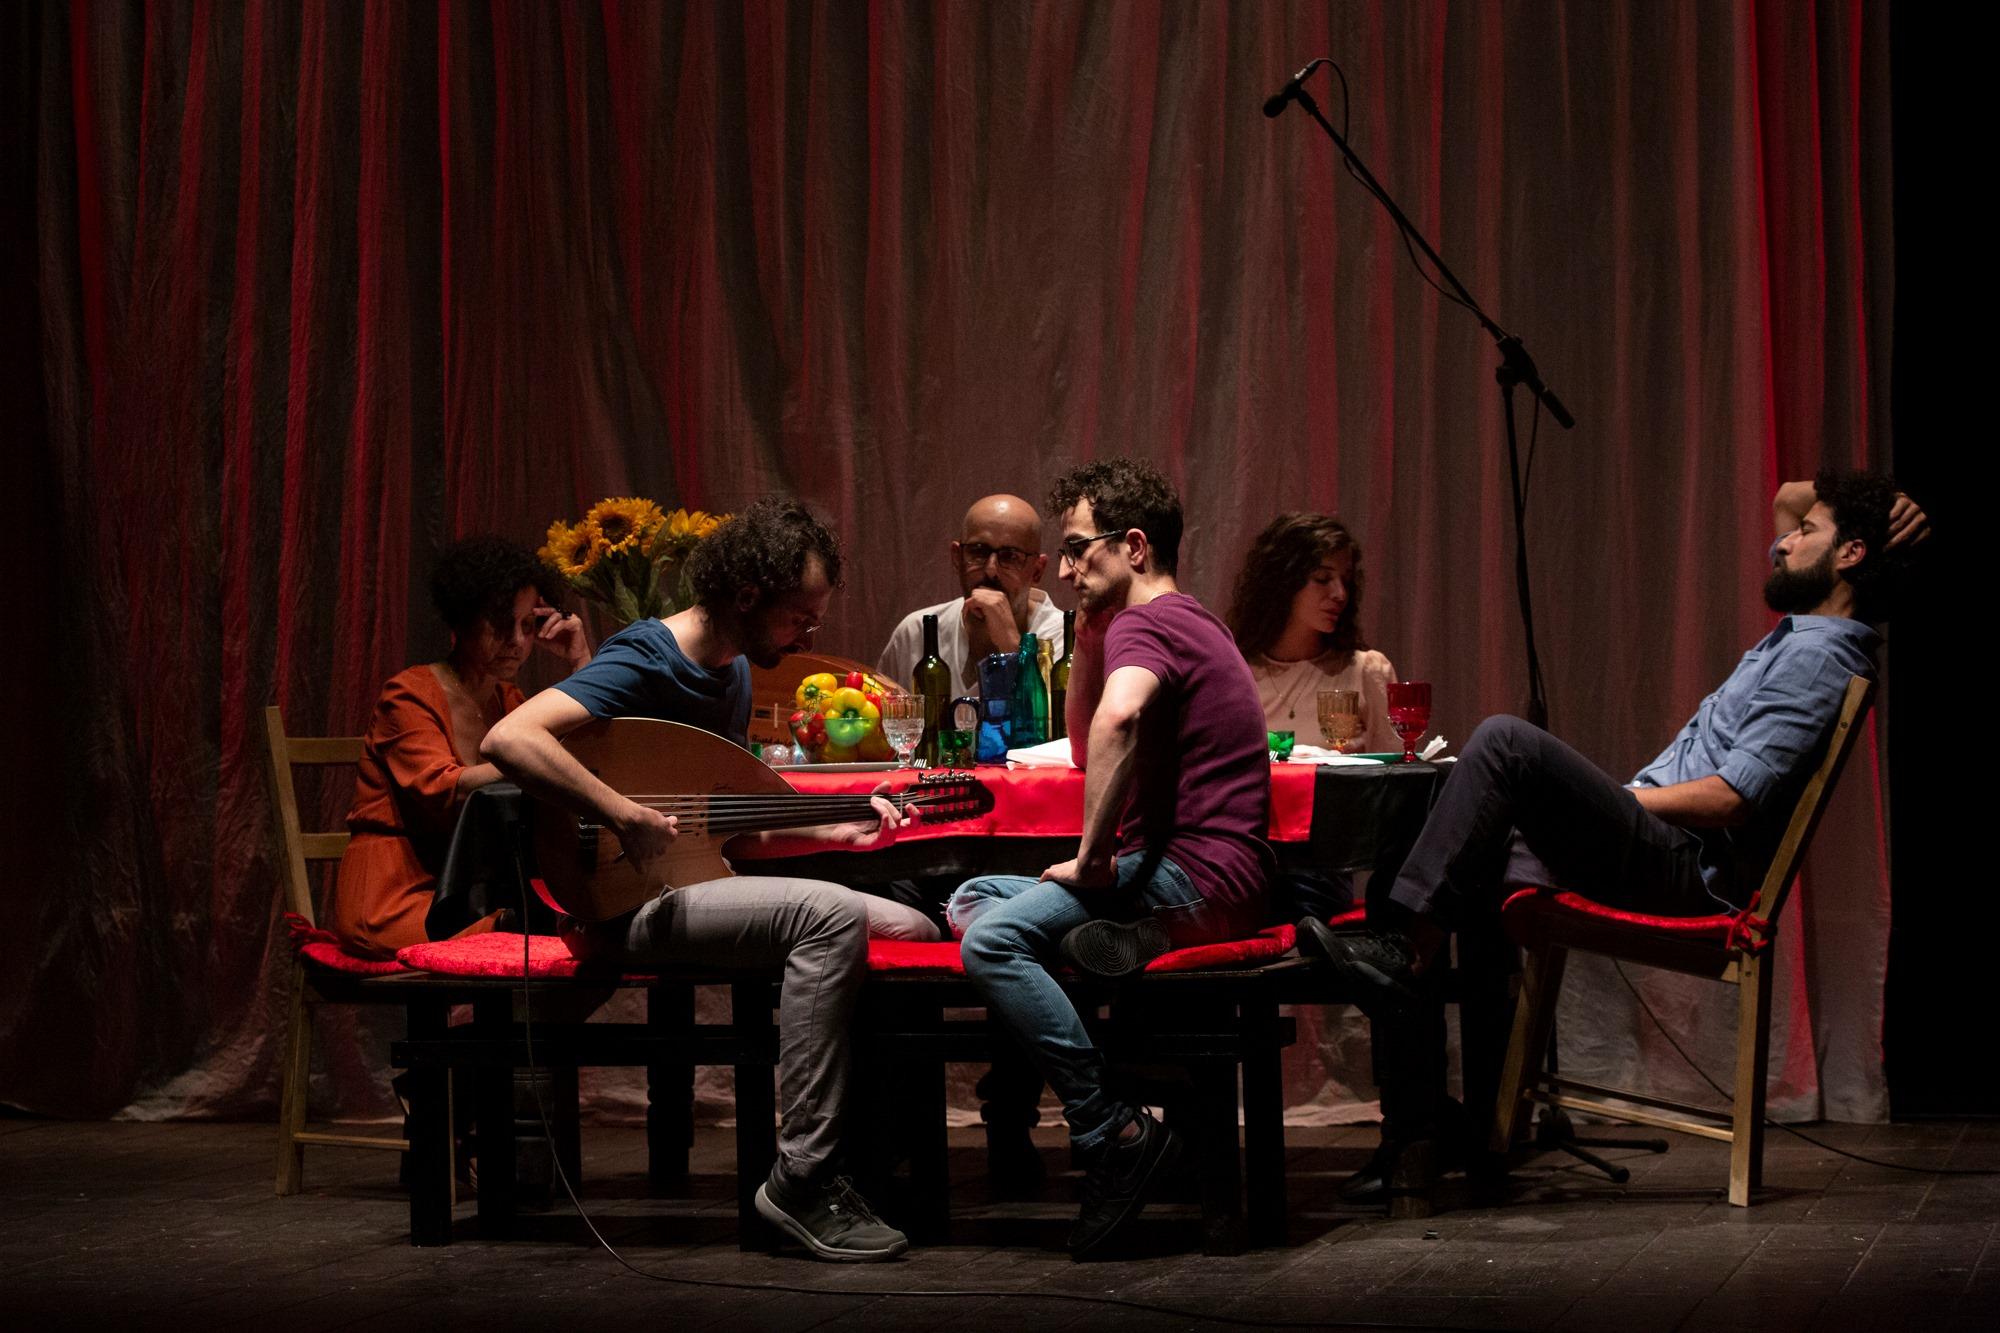 """مشهد من عرض مسرحية """"واي صيدنايا"""" على مسرح """"بيلليني"""" ضمن فعاليات مهرجان """"نابولي"""" الدولي بإيطاليا، أيلول 2020، المصدر: صفحة مسرح نابولي في موقع """"فيس بوك""""."""